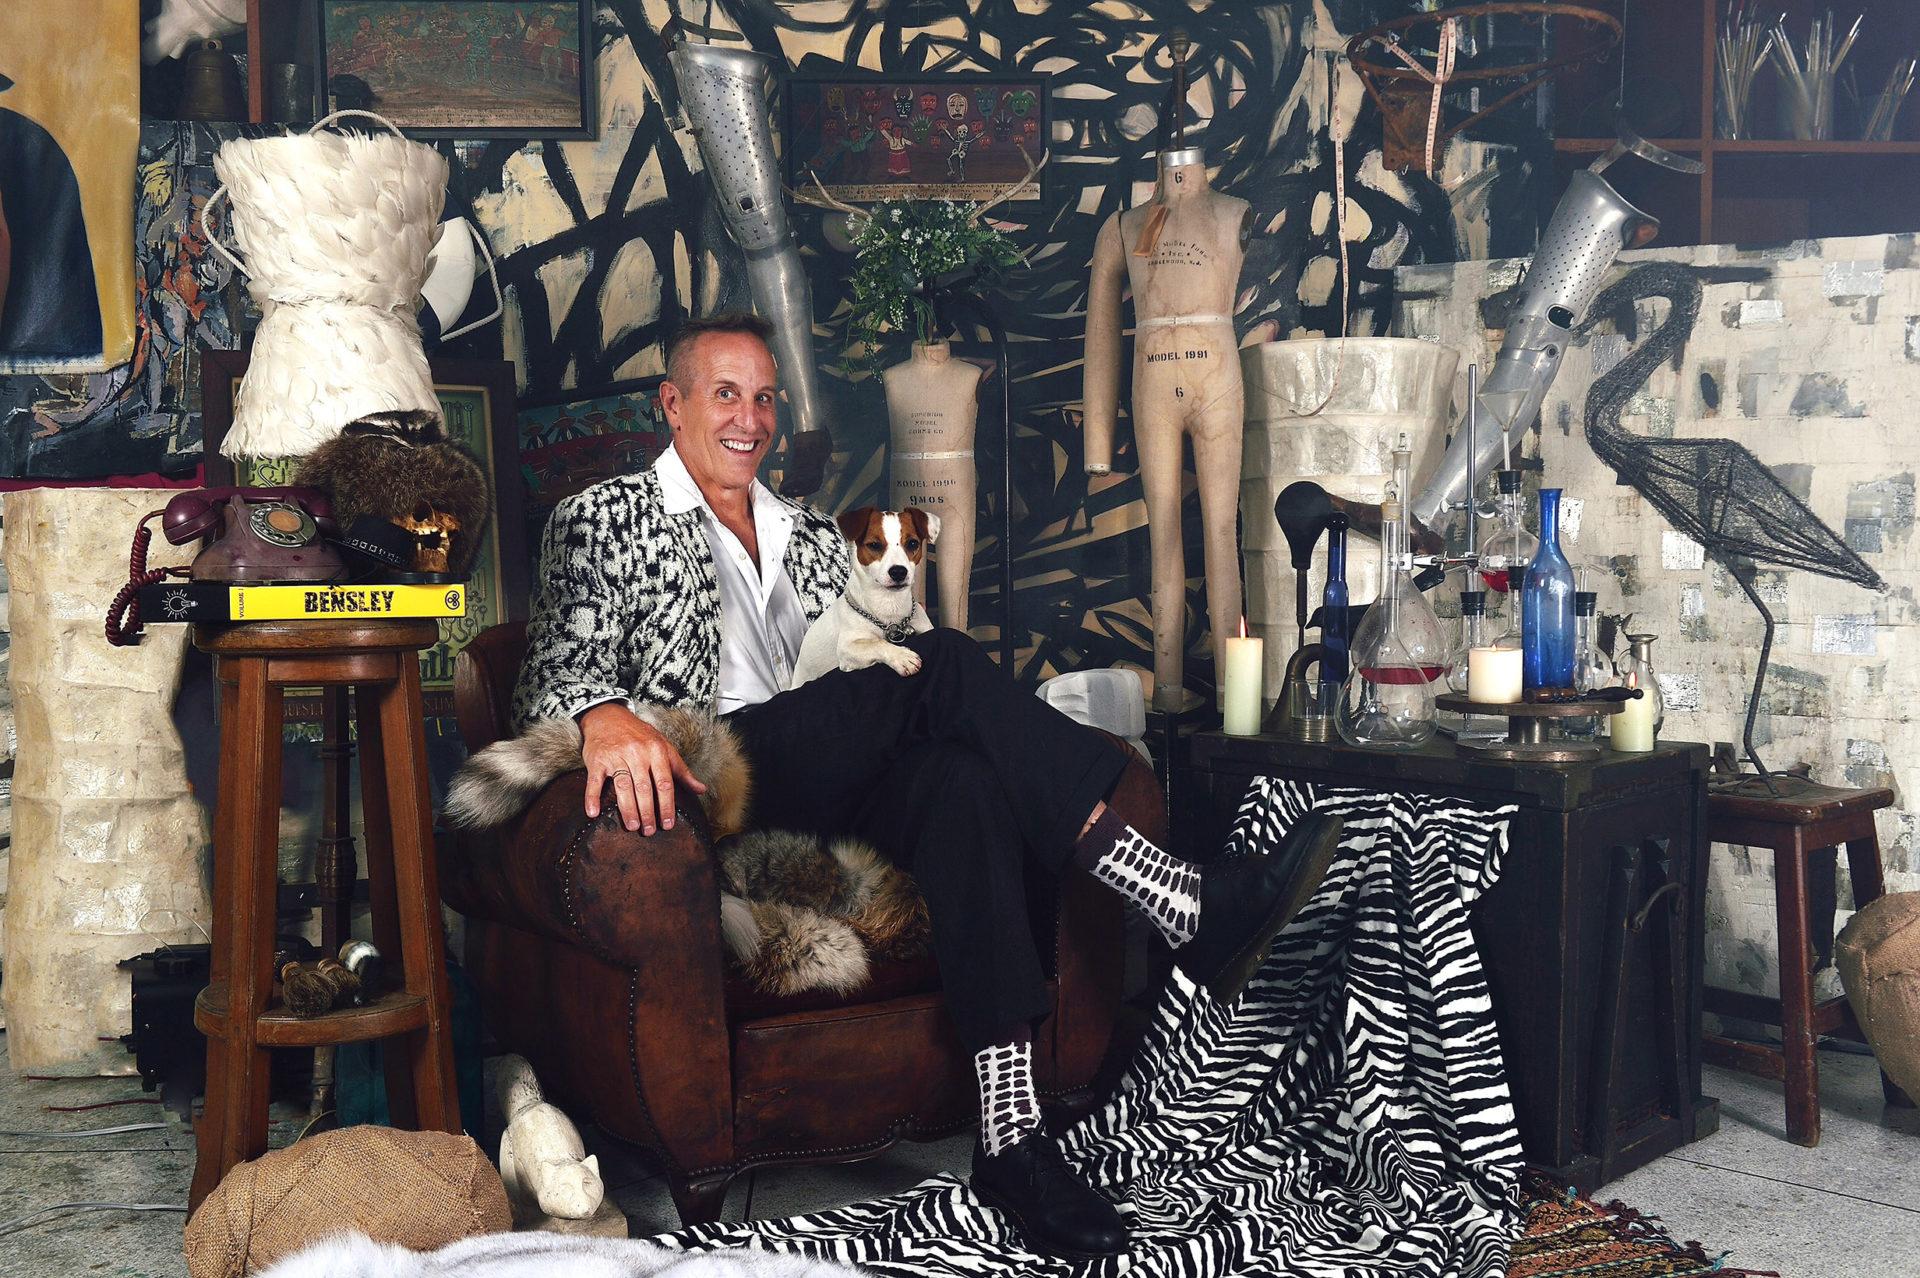 Bill Bensley at his studio